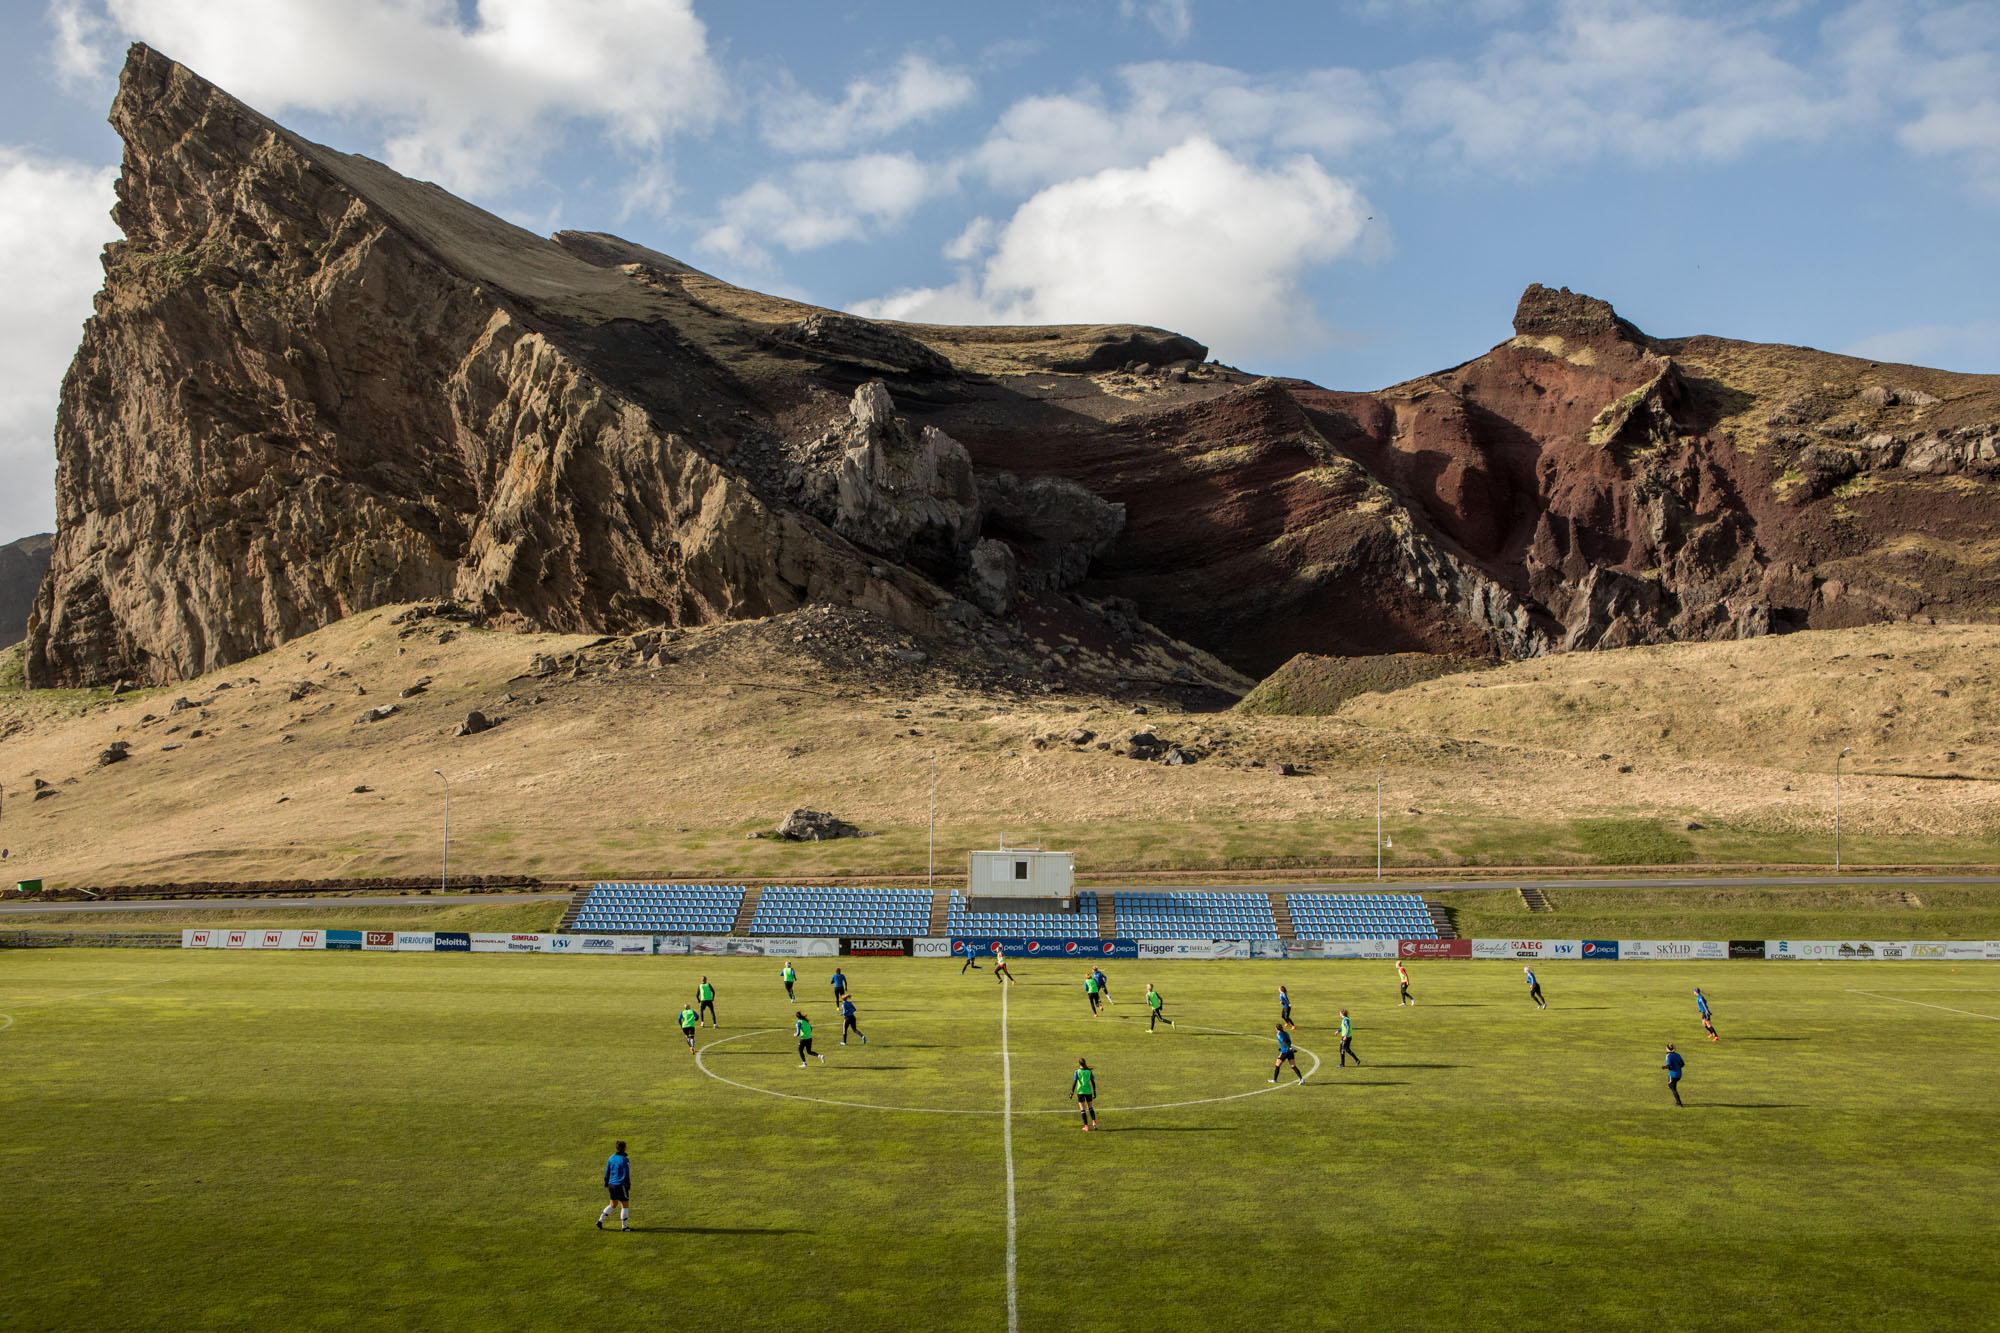 fotografia paesaggistica a colori dell'allenamento di calcio femminile a Heimaey, Islanda, di Matteo de Mayda